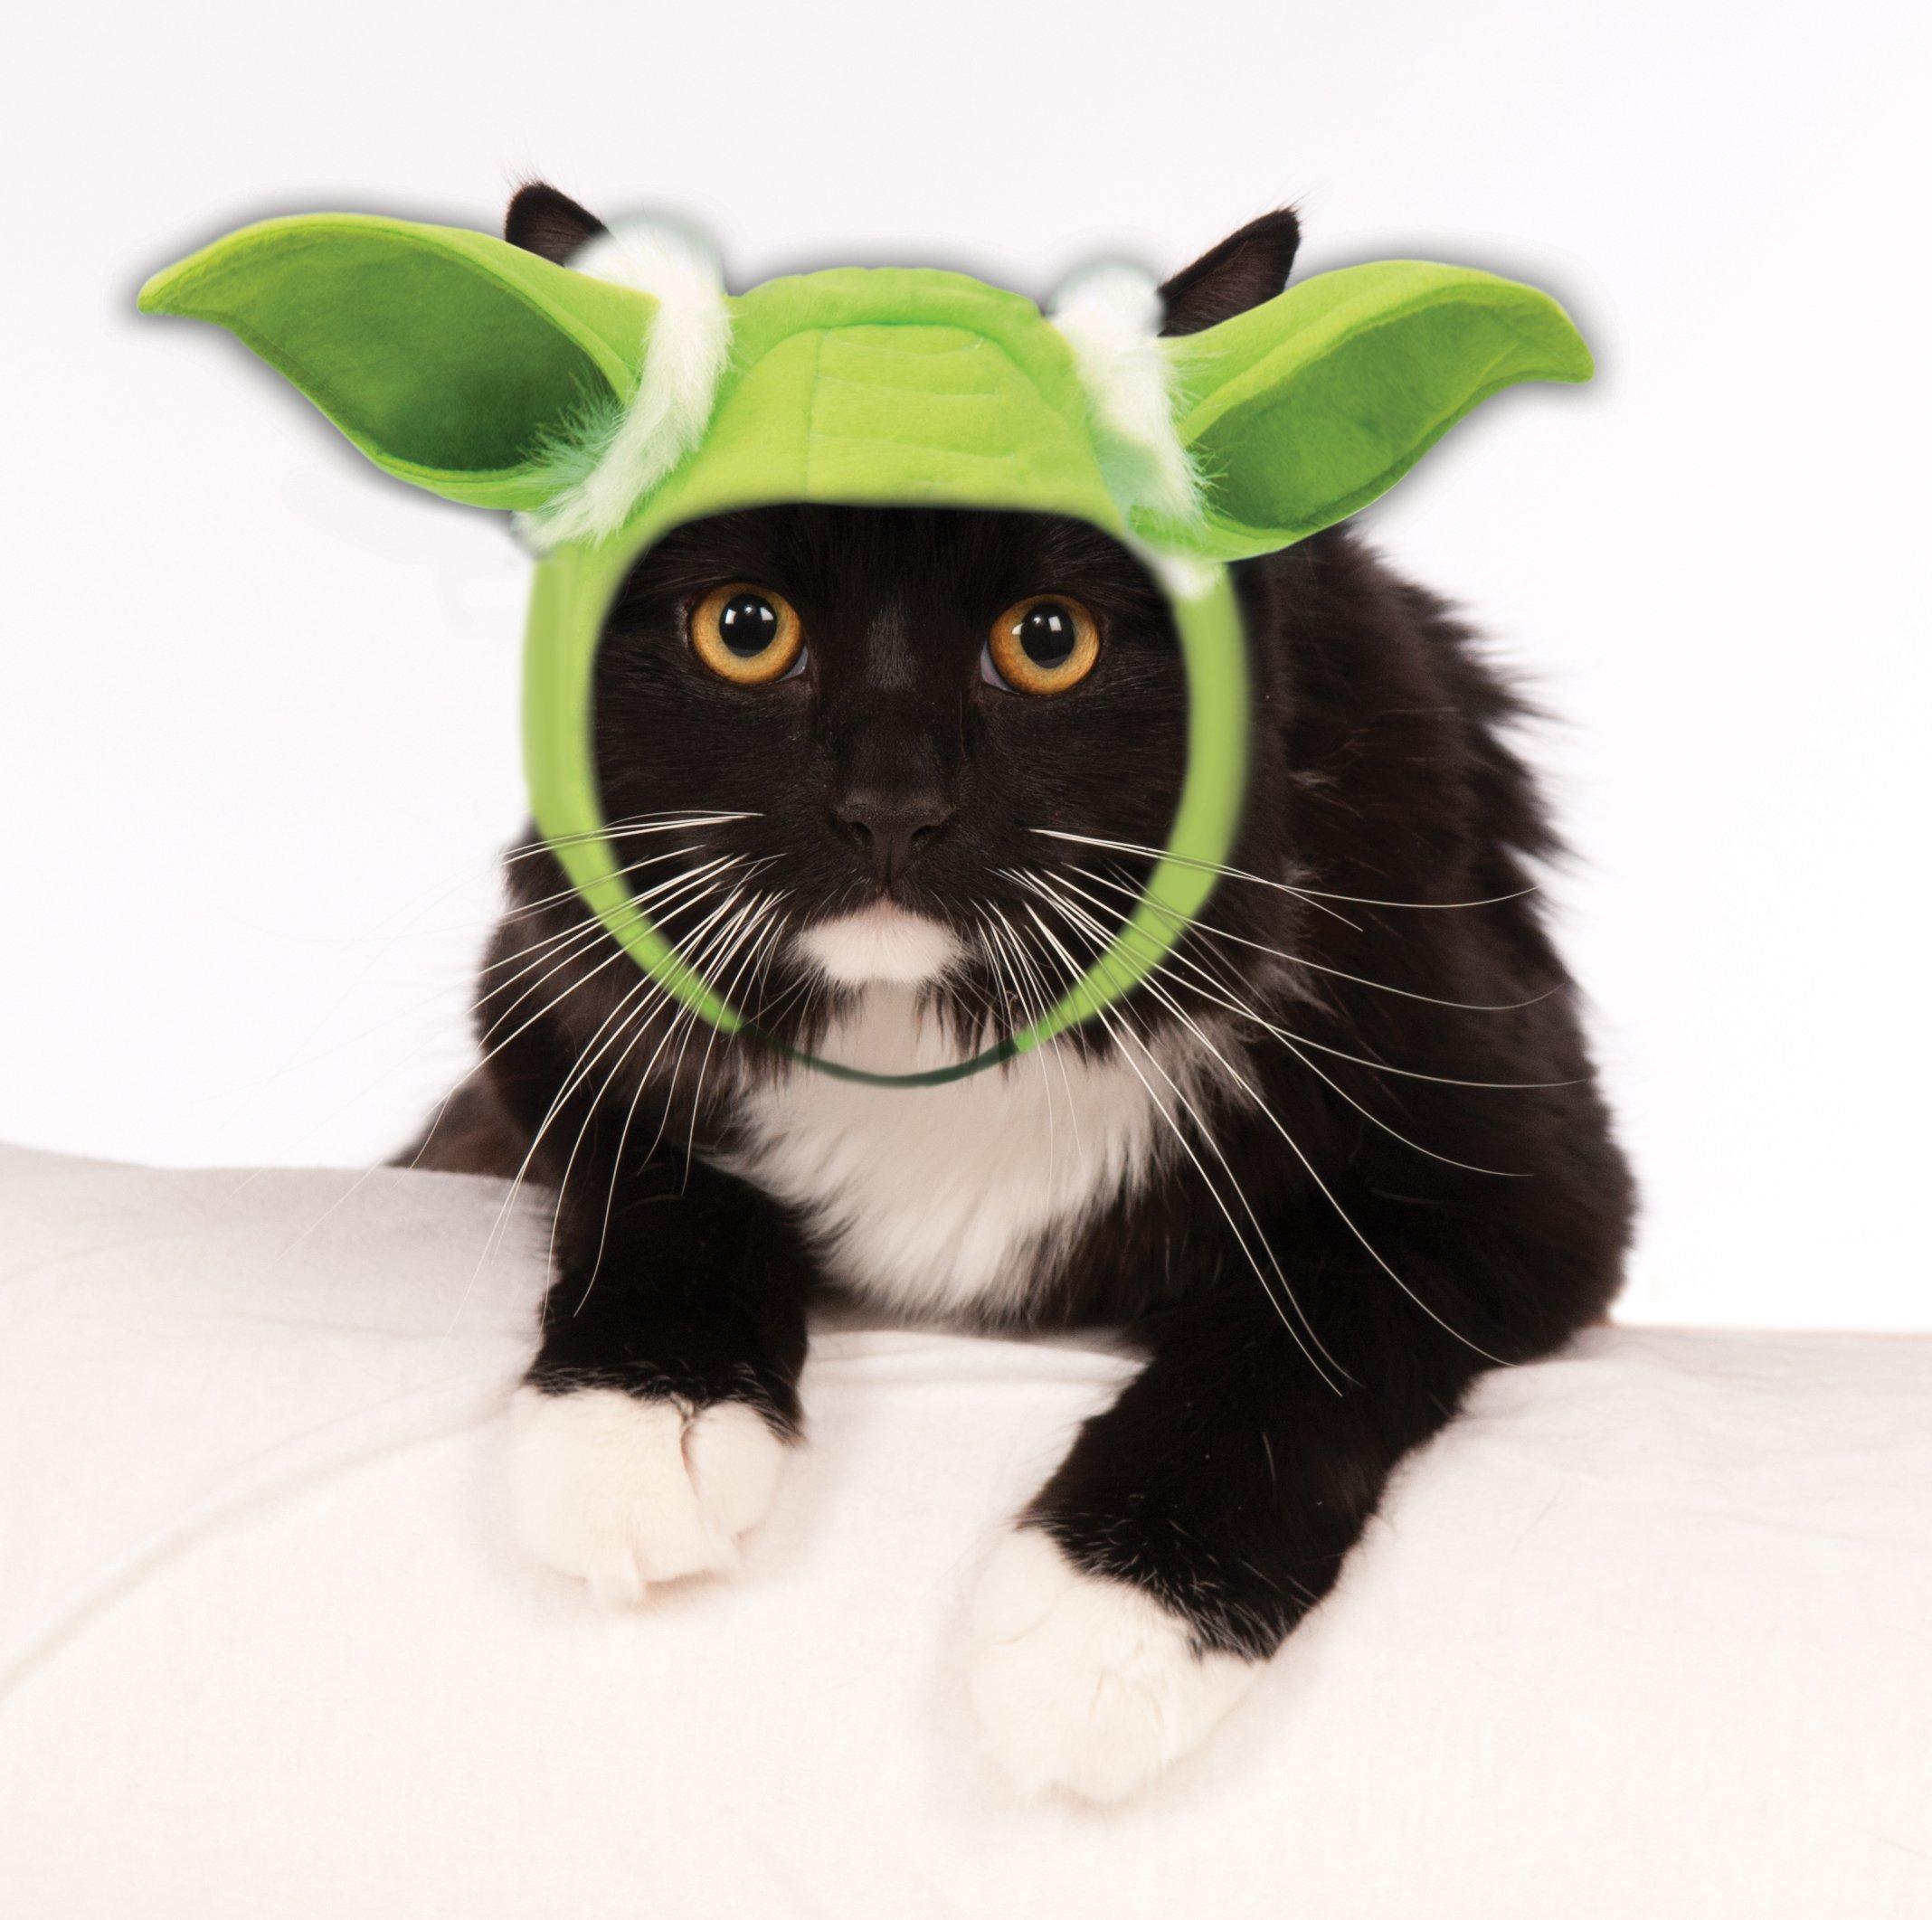 Star Wars Pet Cat Yoda Ears